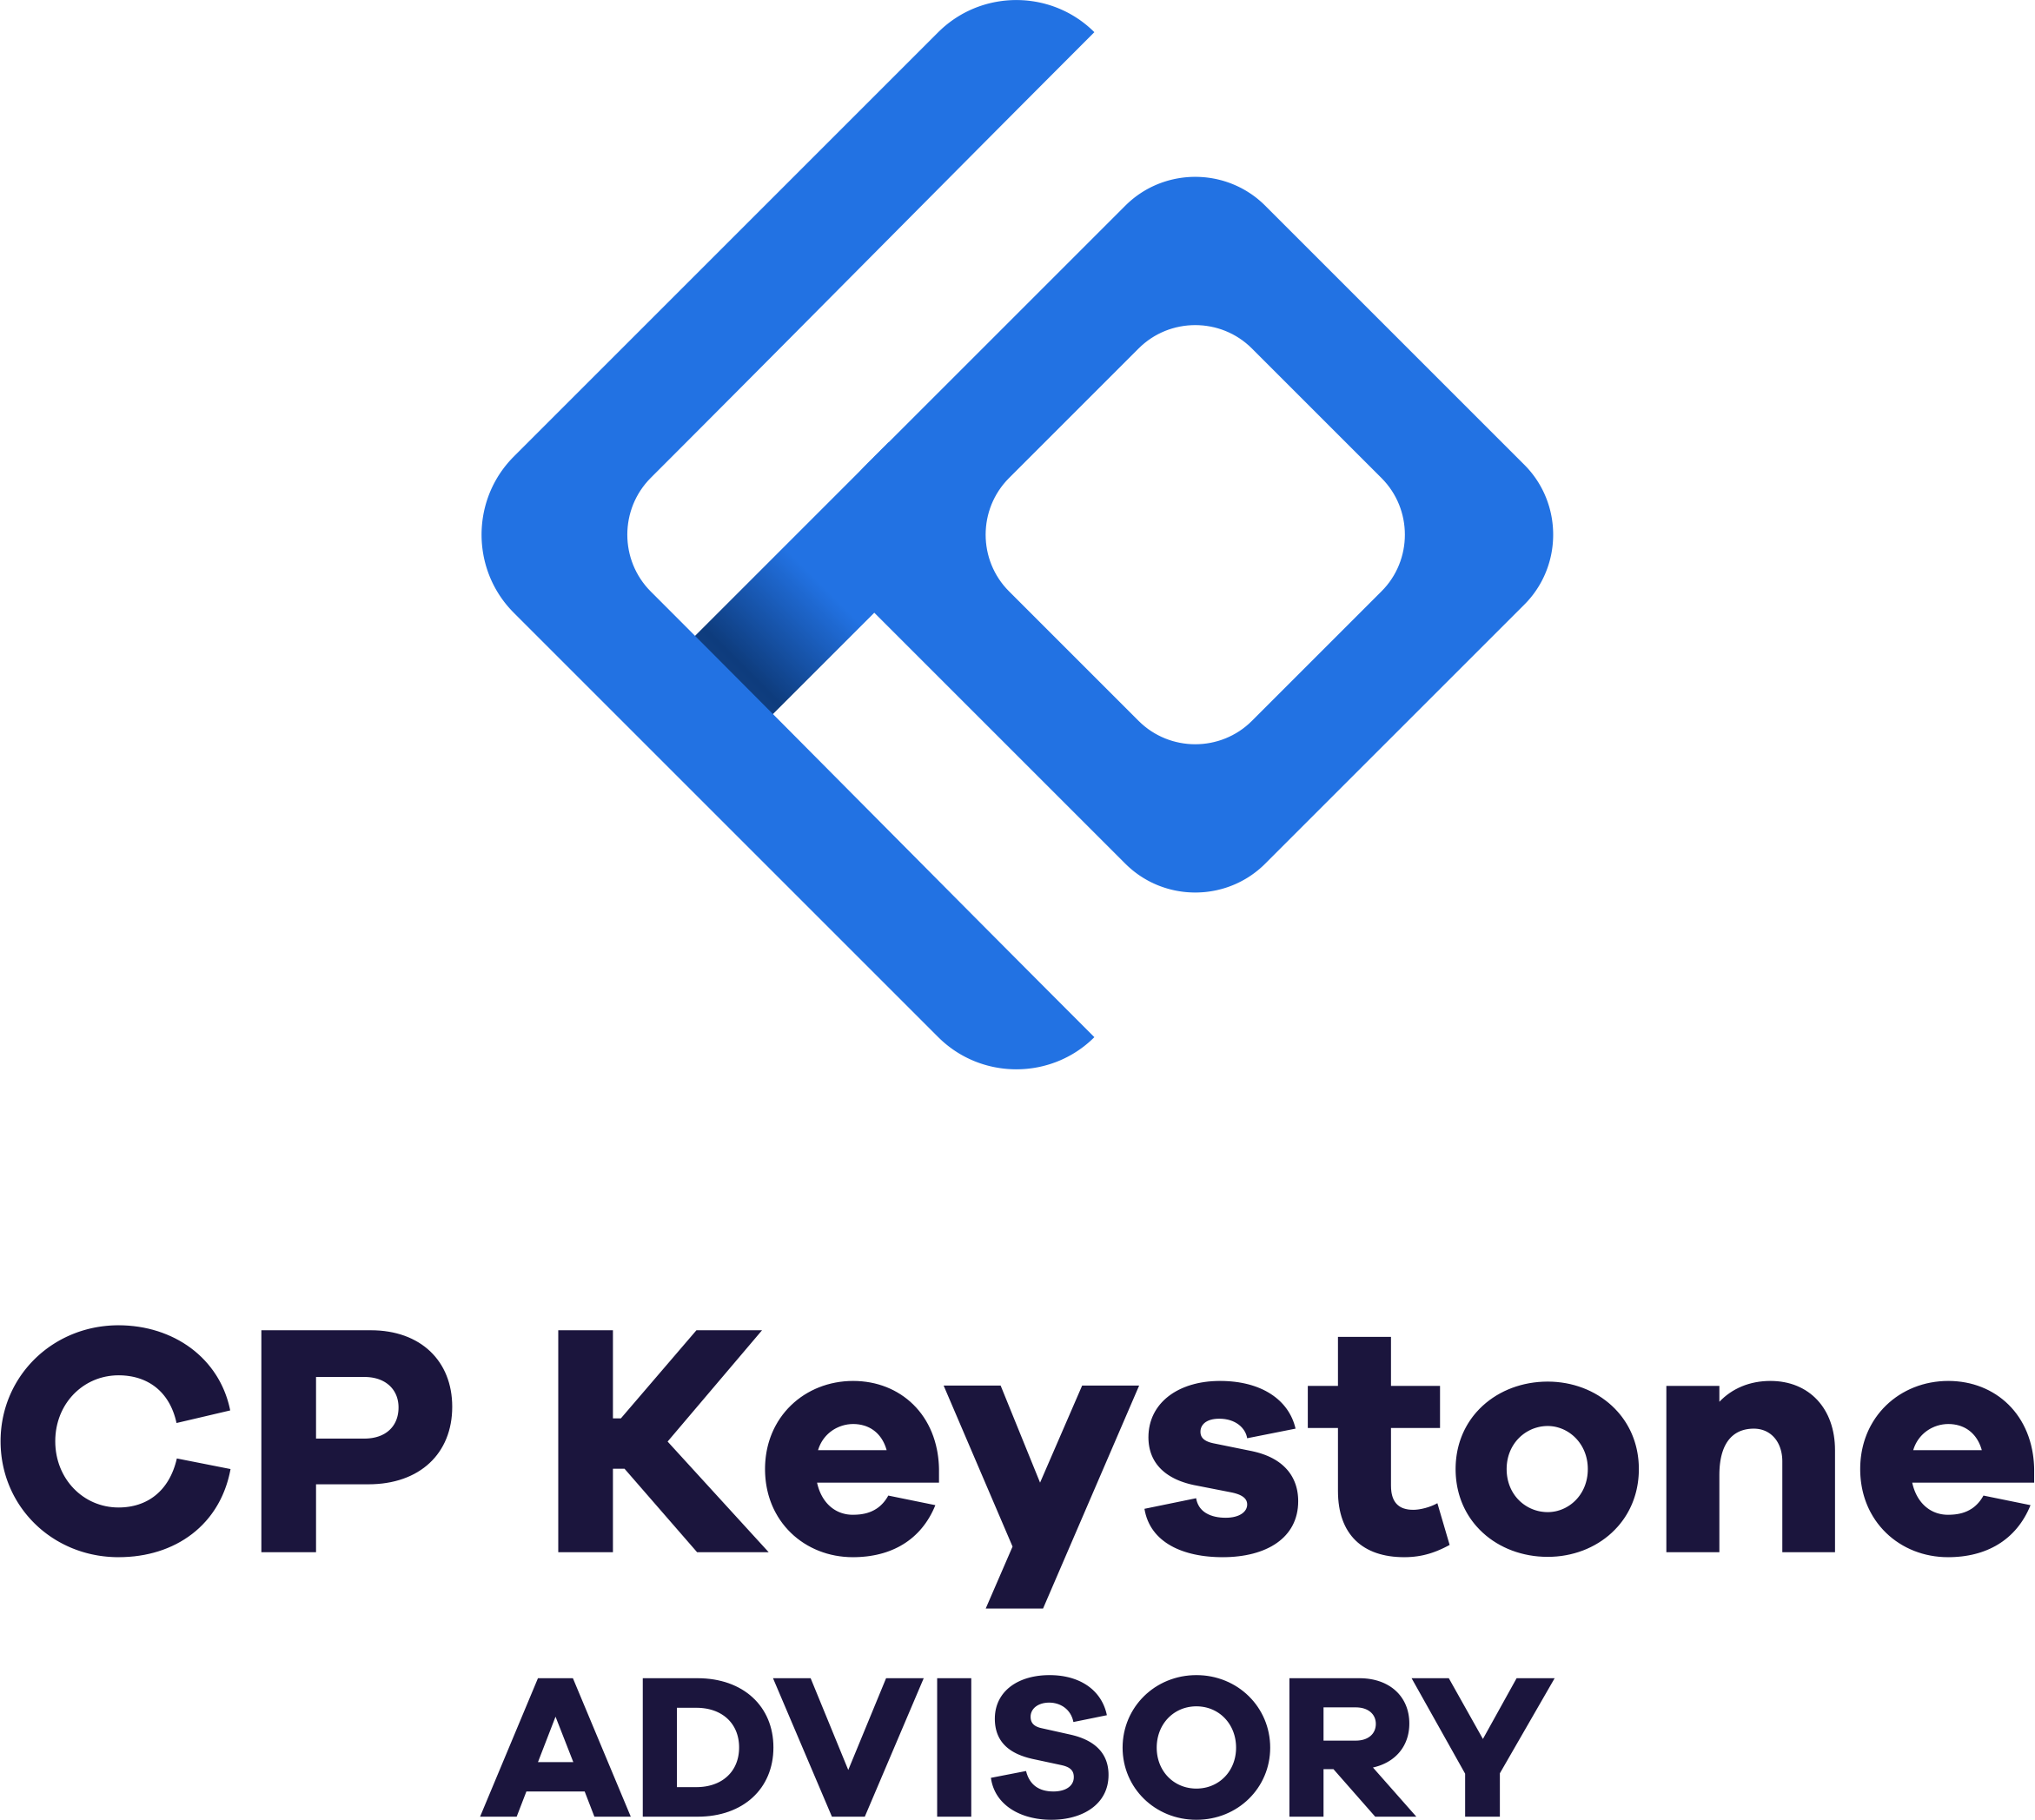 CP Keystone Advisory